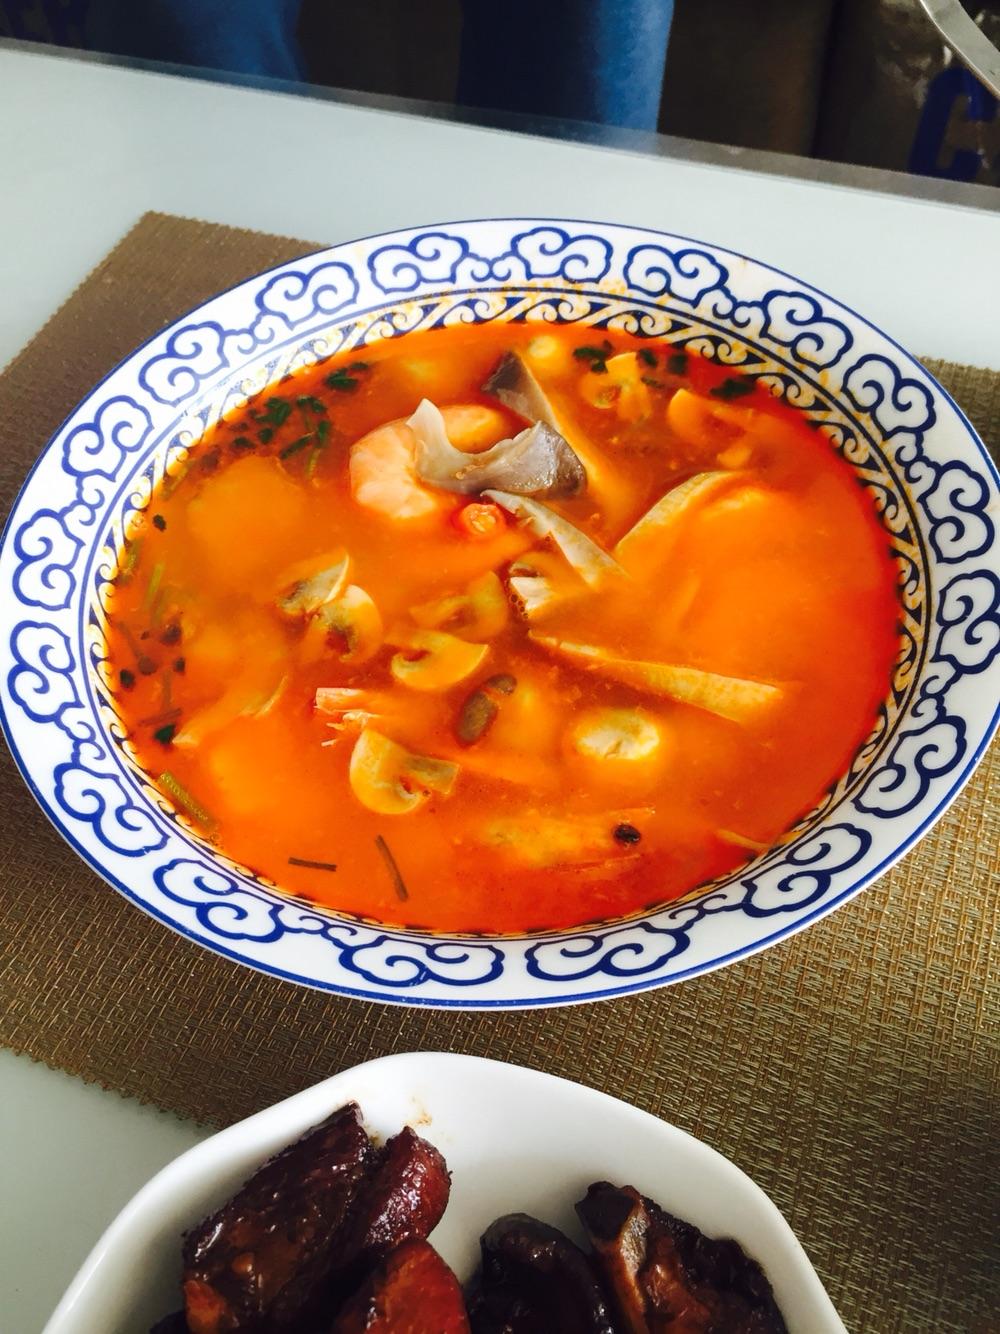 冬陰功湯 湯料版怎么做_冬陰功湯 湯料版的做法_豆果美食